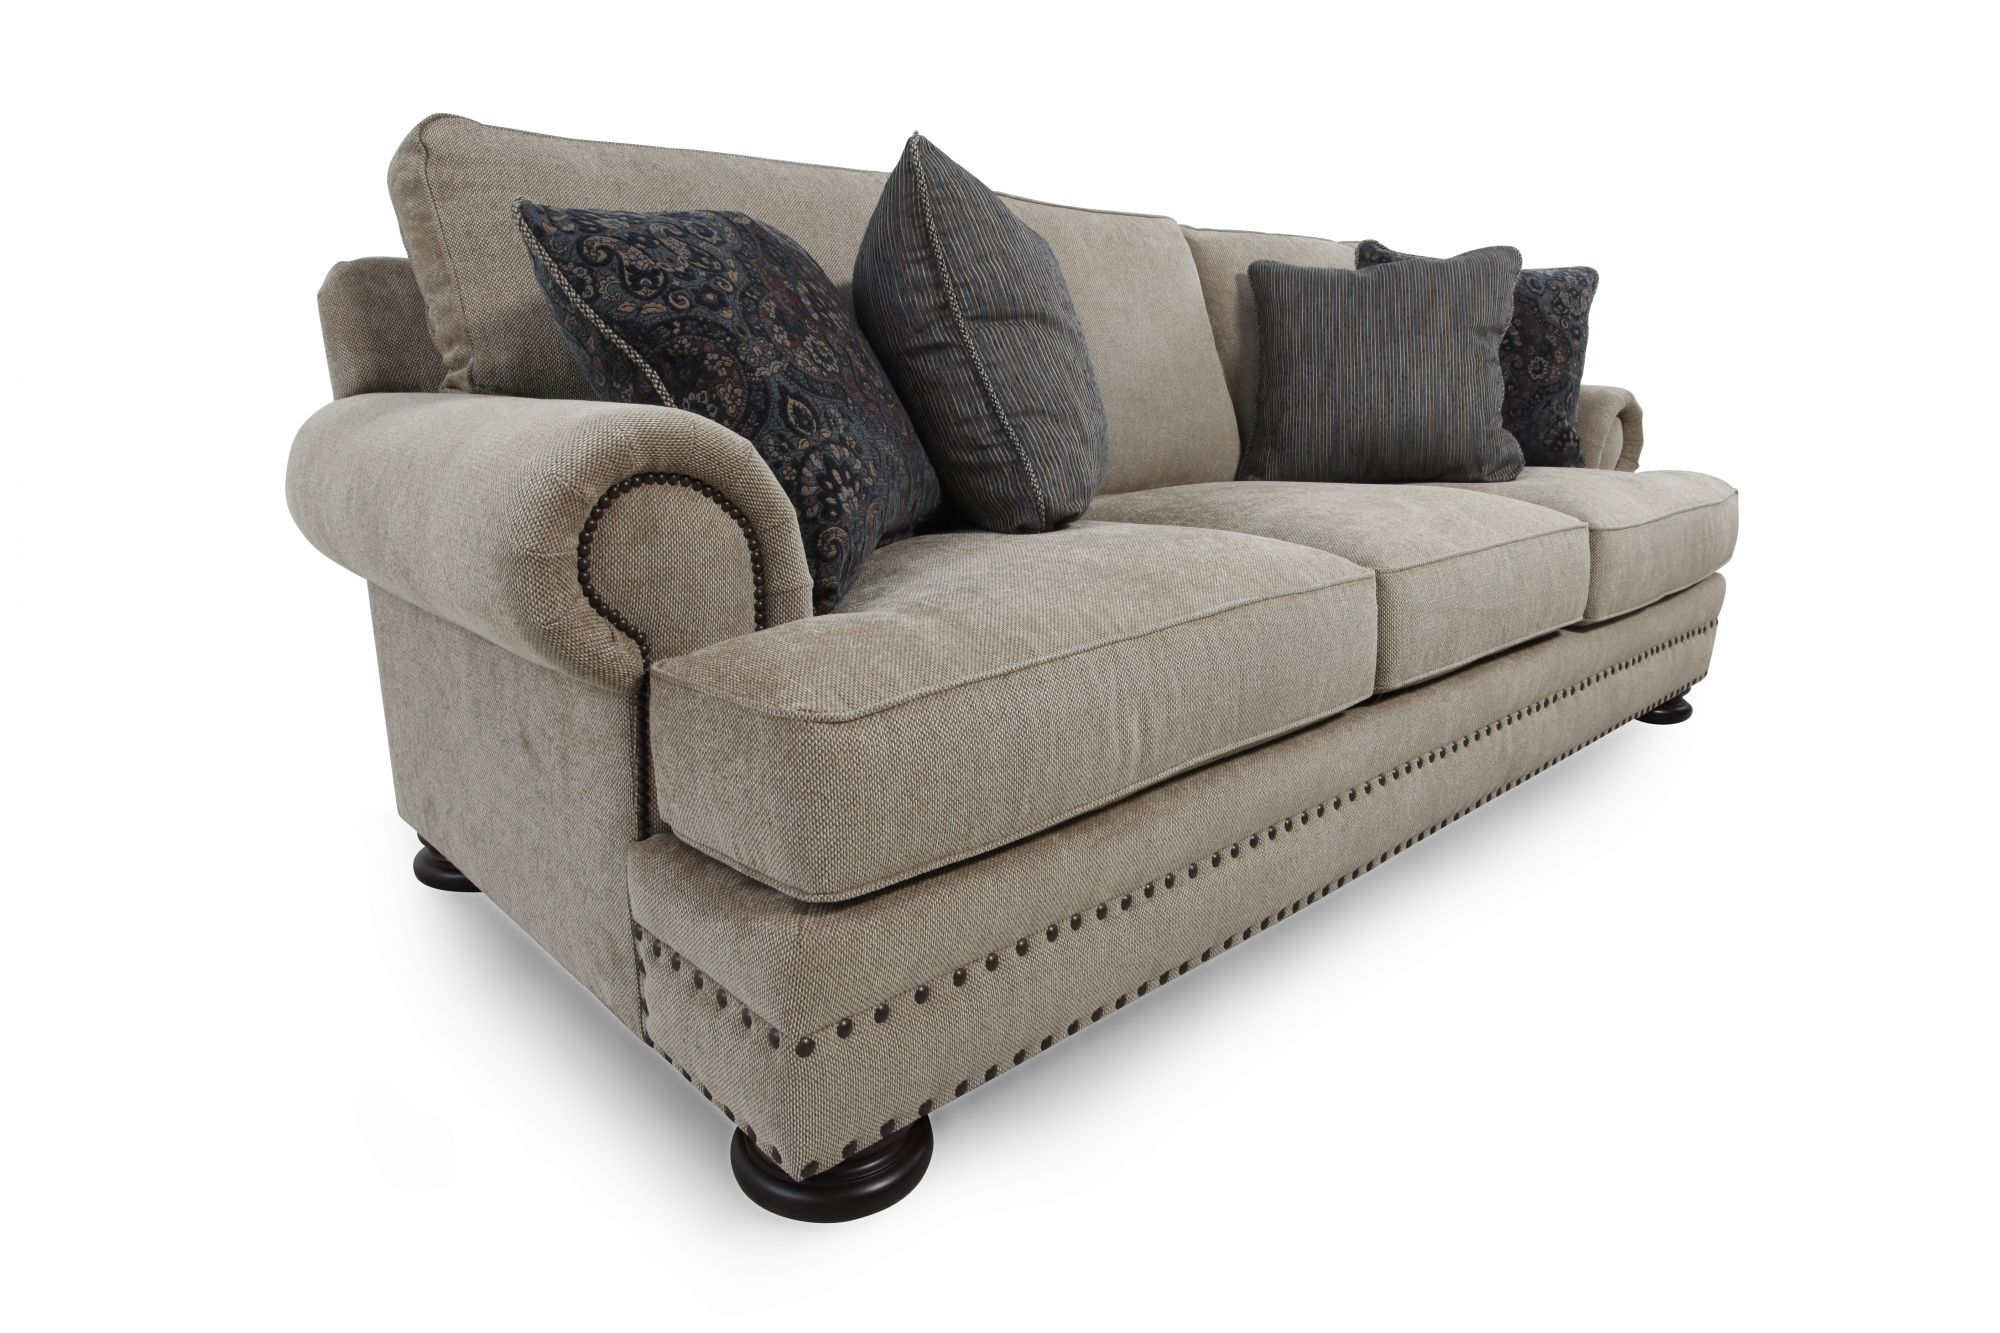 Bernhardt Foster Brown Sofa